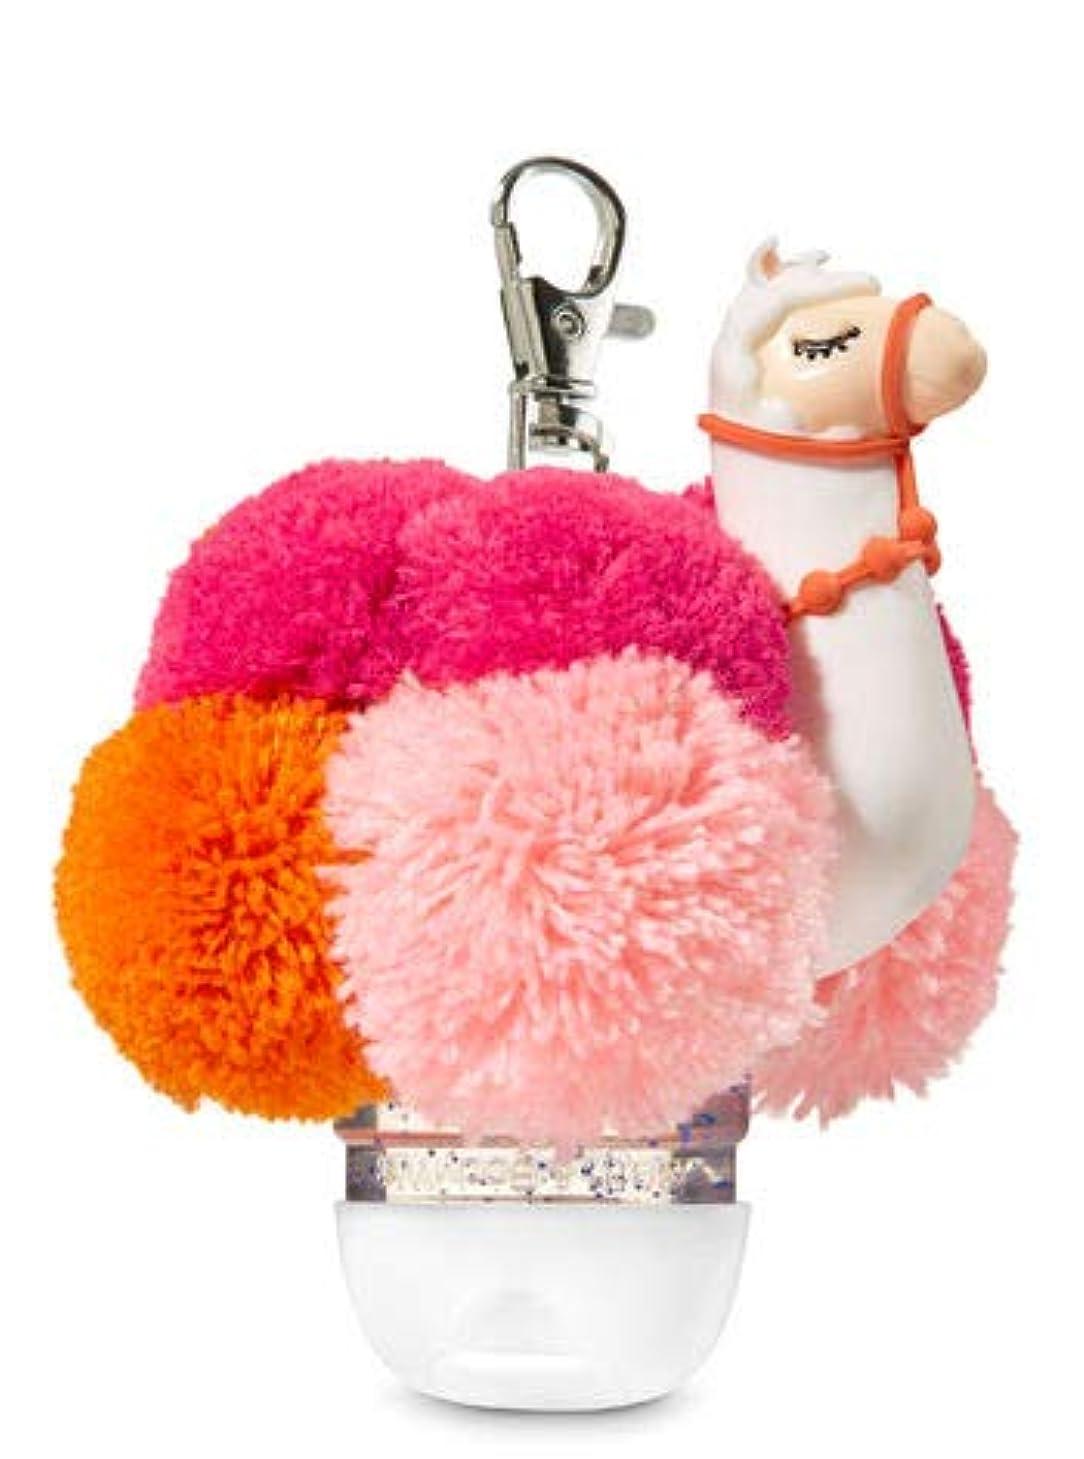 省判読できない実証する【Bath&Body Works/バス&ボディワークス】 抗菌ハンドジェルホルダー ラマポム Pocketbac Holder Llama Pom [並行輸入品]